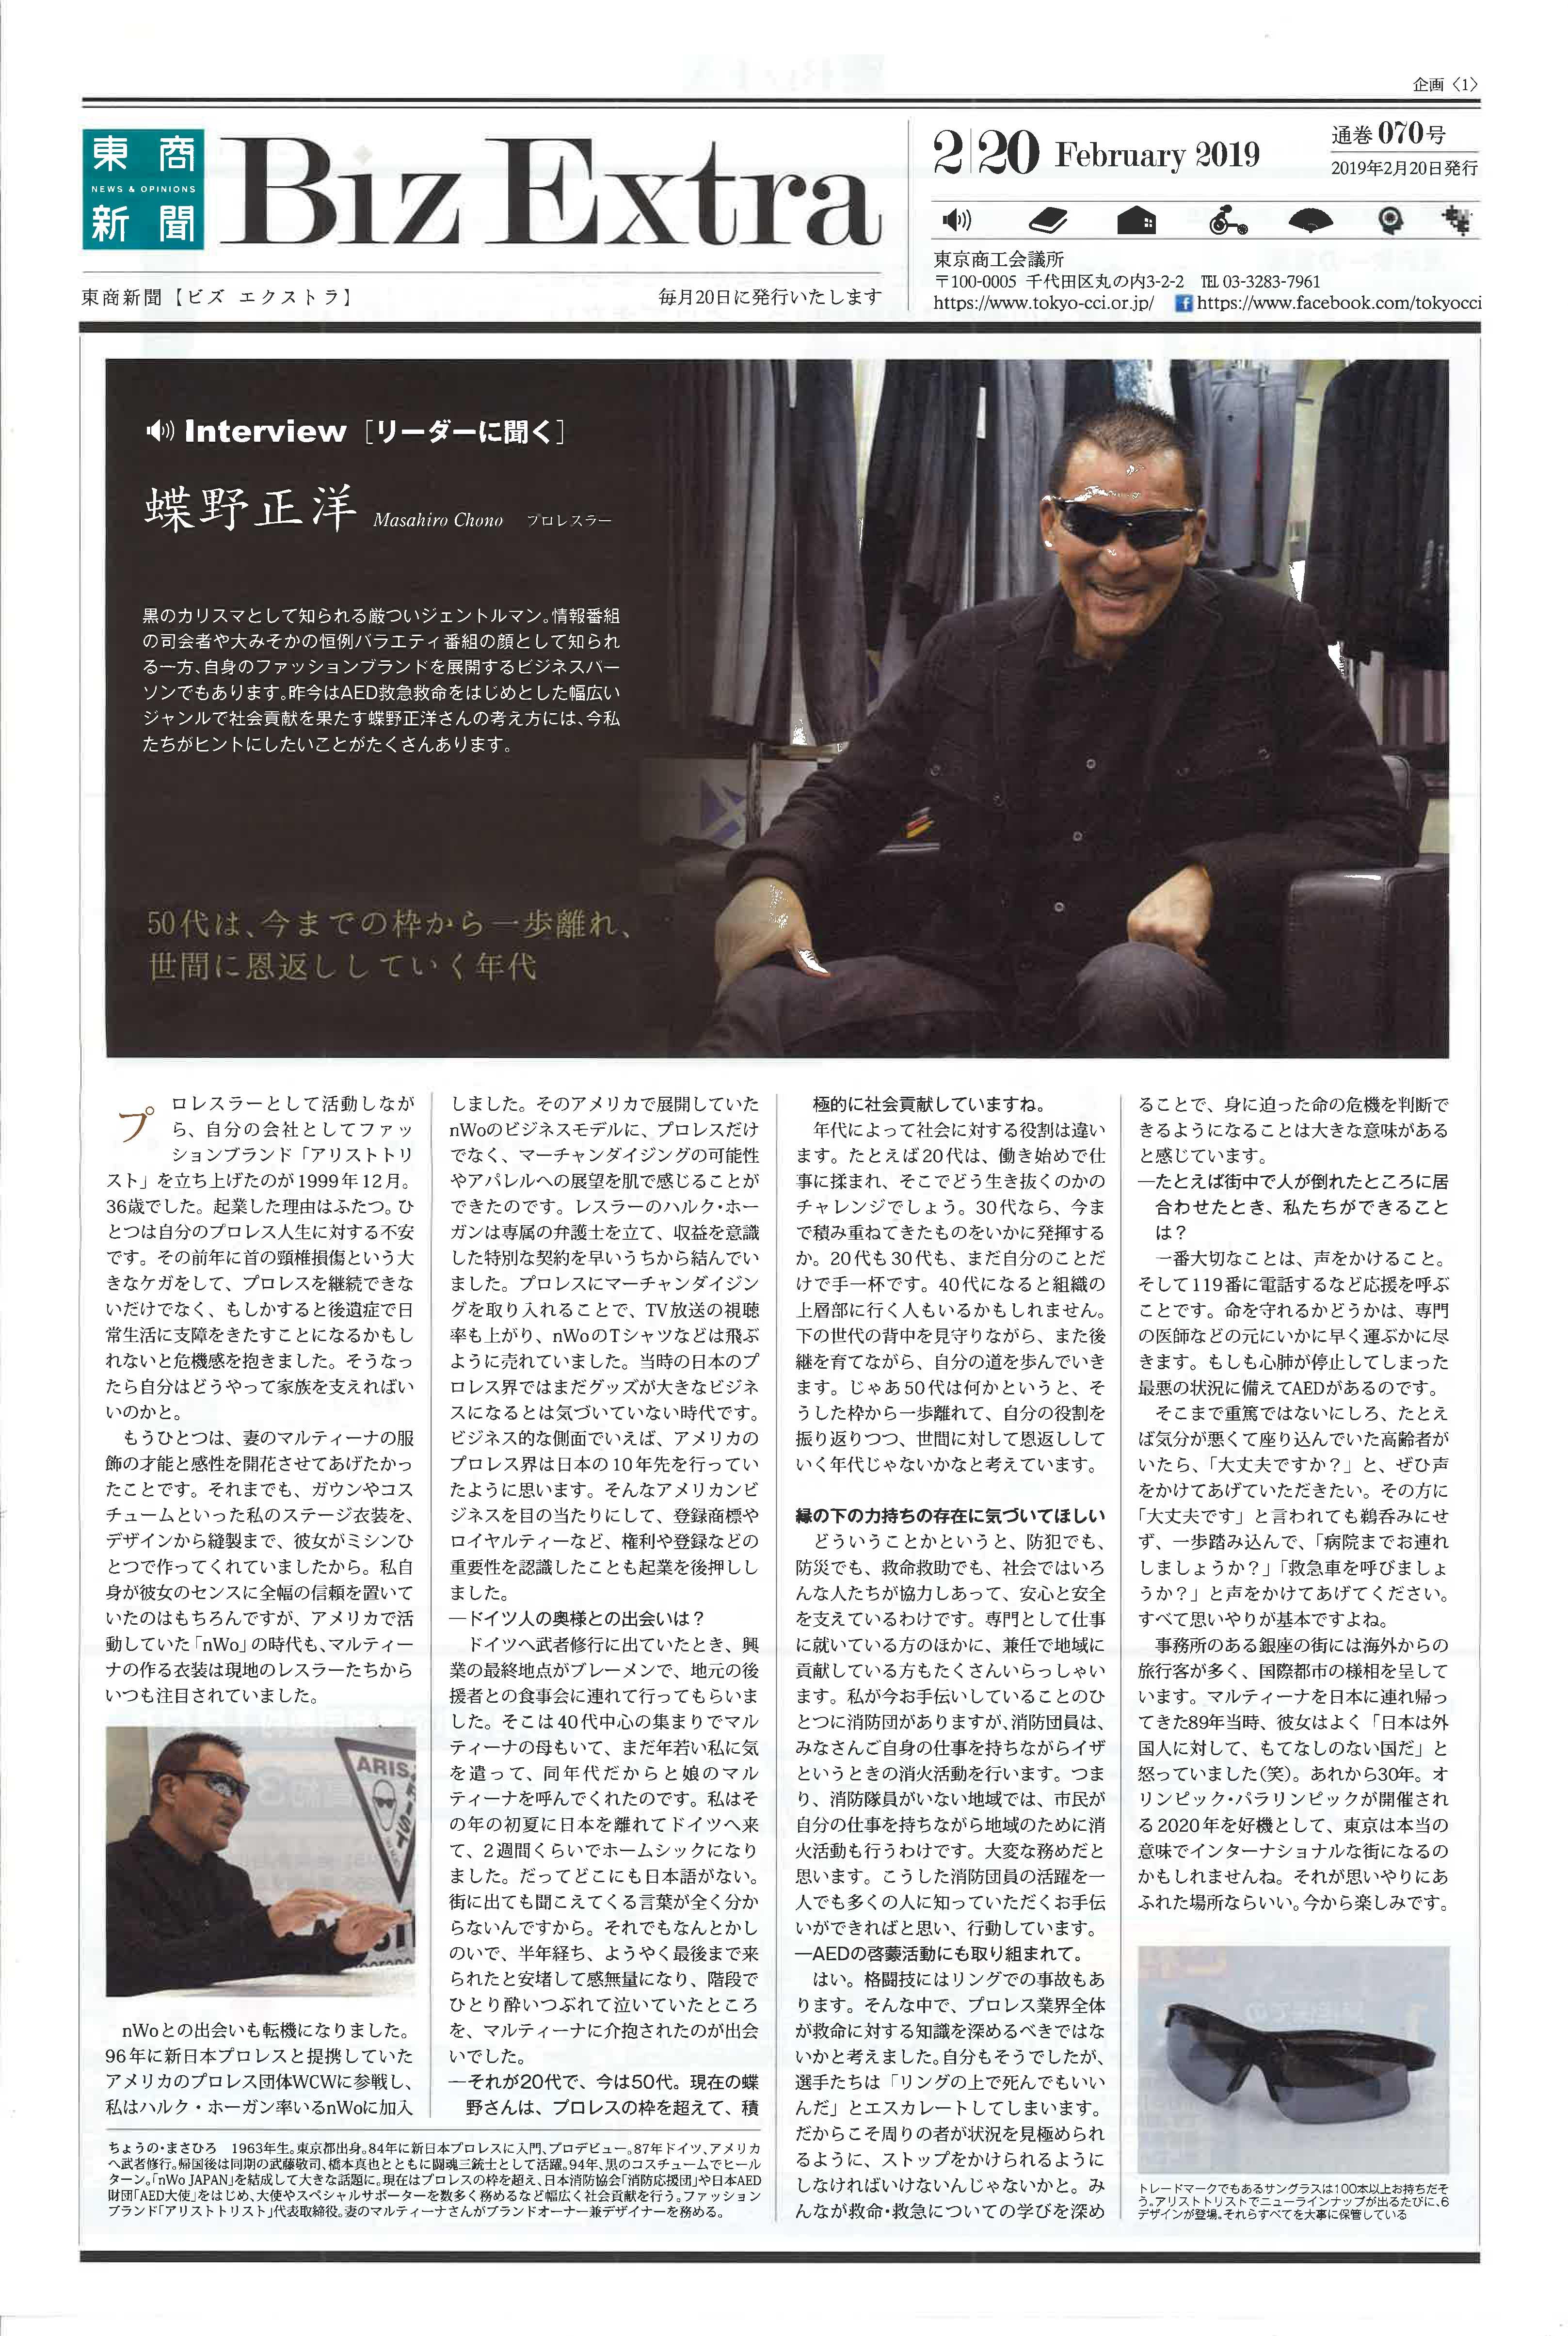 「東商新聞  Biz Extra」February 2019 通巻070号